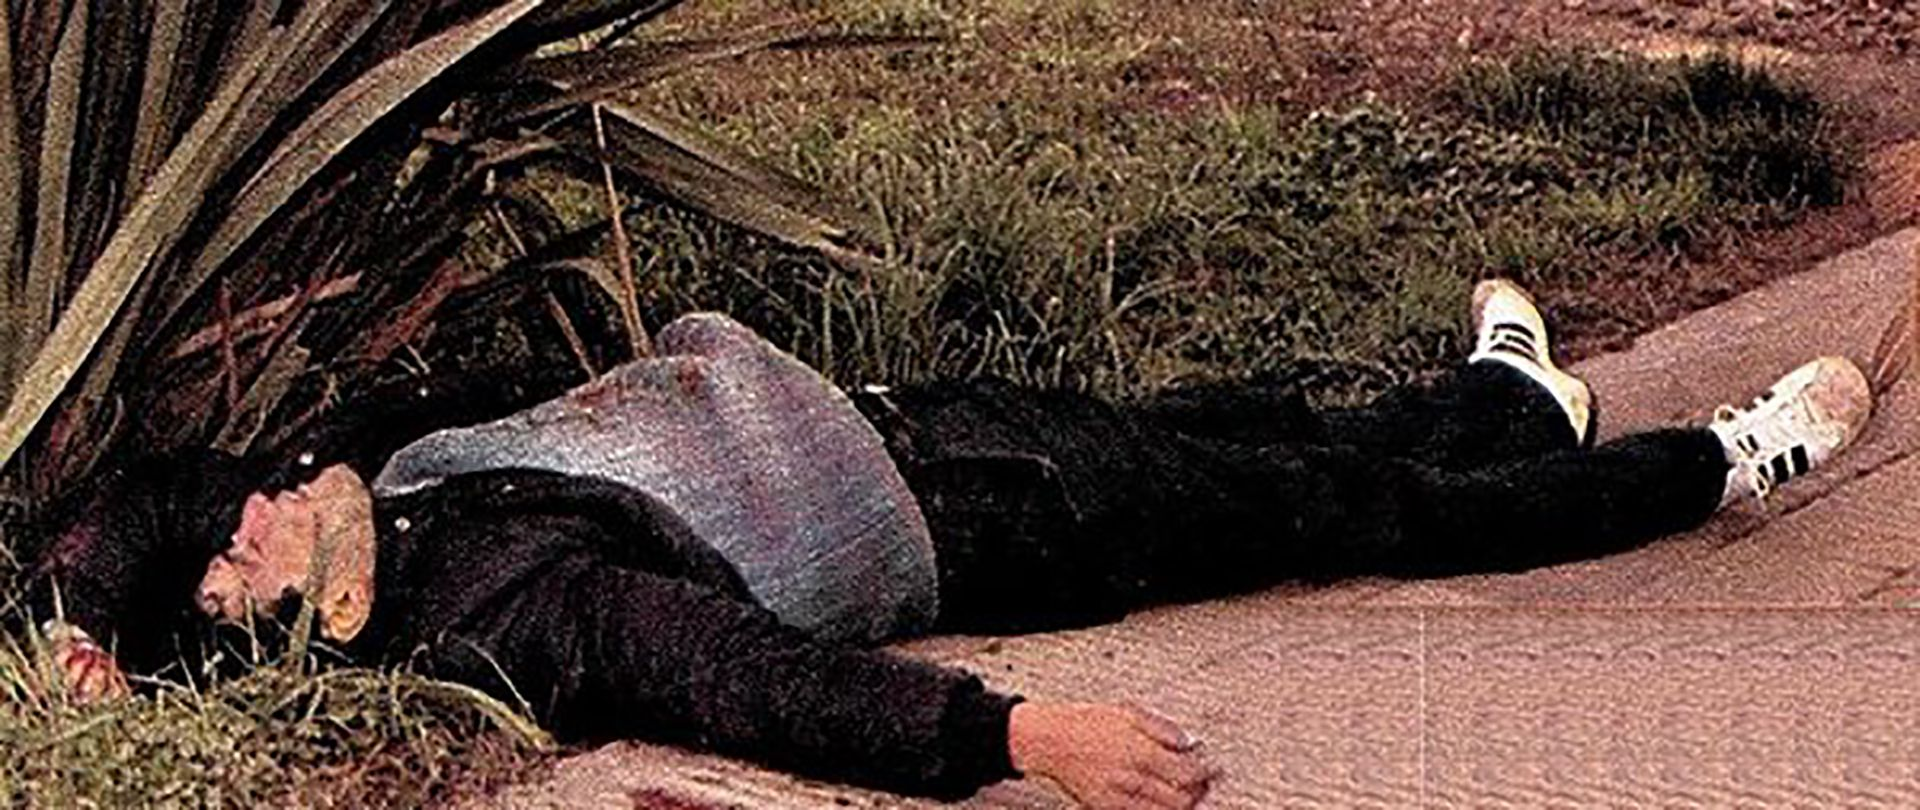 El cuerpo sin vida de César Romero, luego de enfrentarse a la policía tras el último robo que planeaba para su vida.